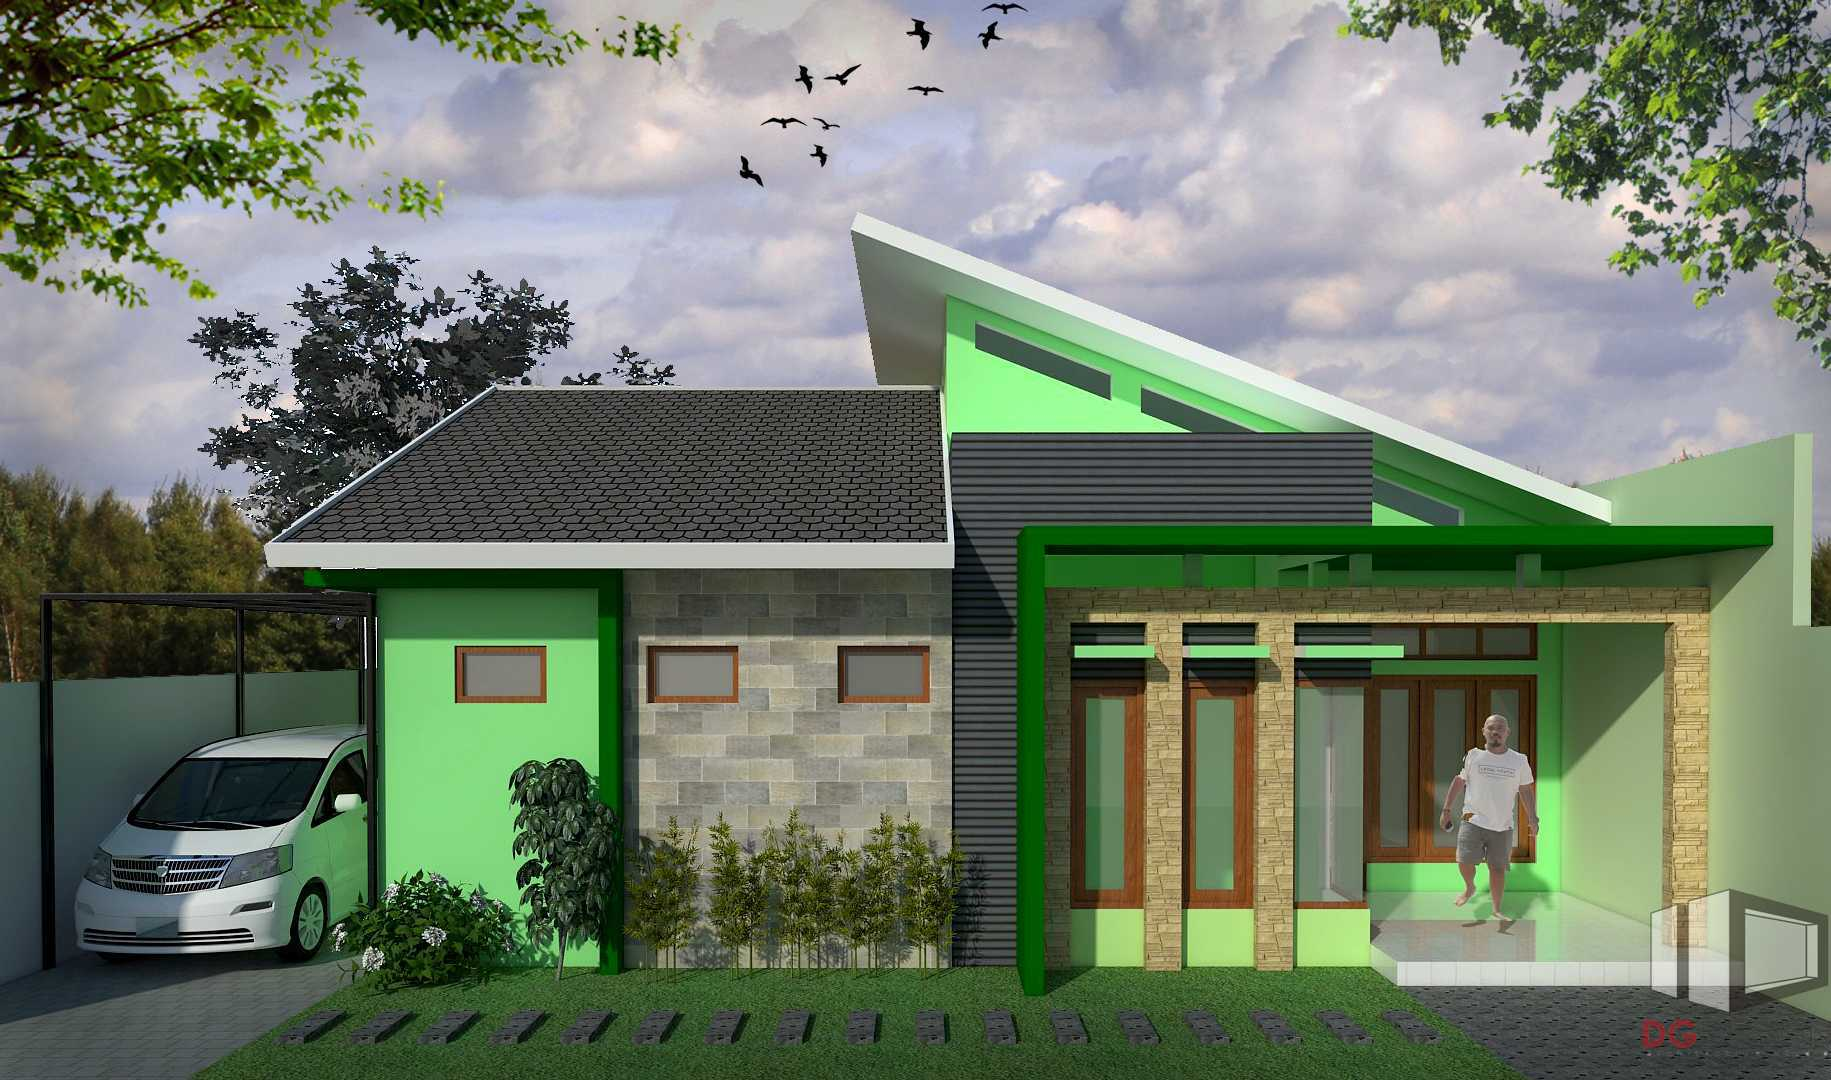 DG DESIGN ARSITEKTUR di Surakarta